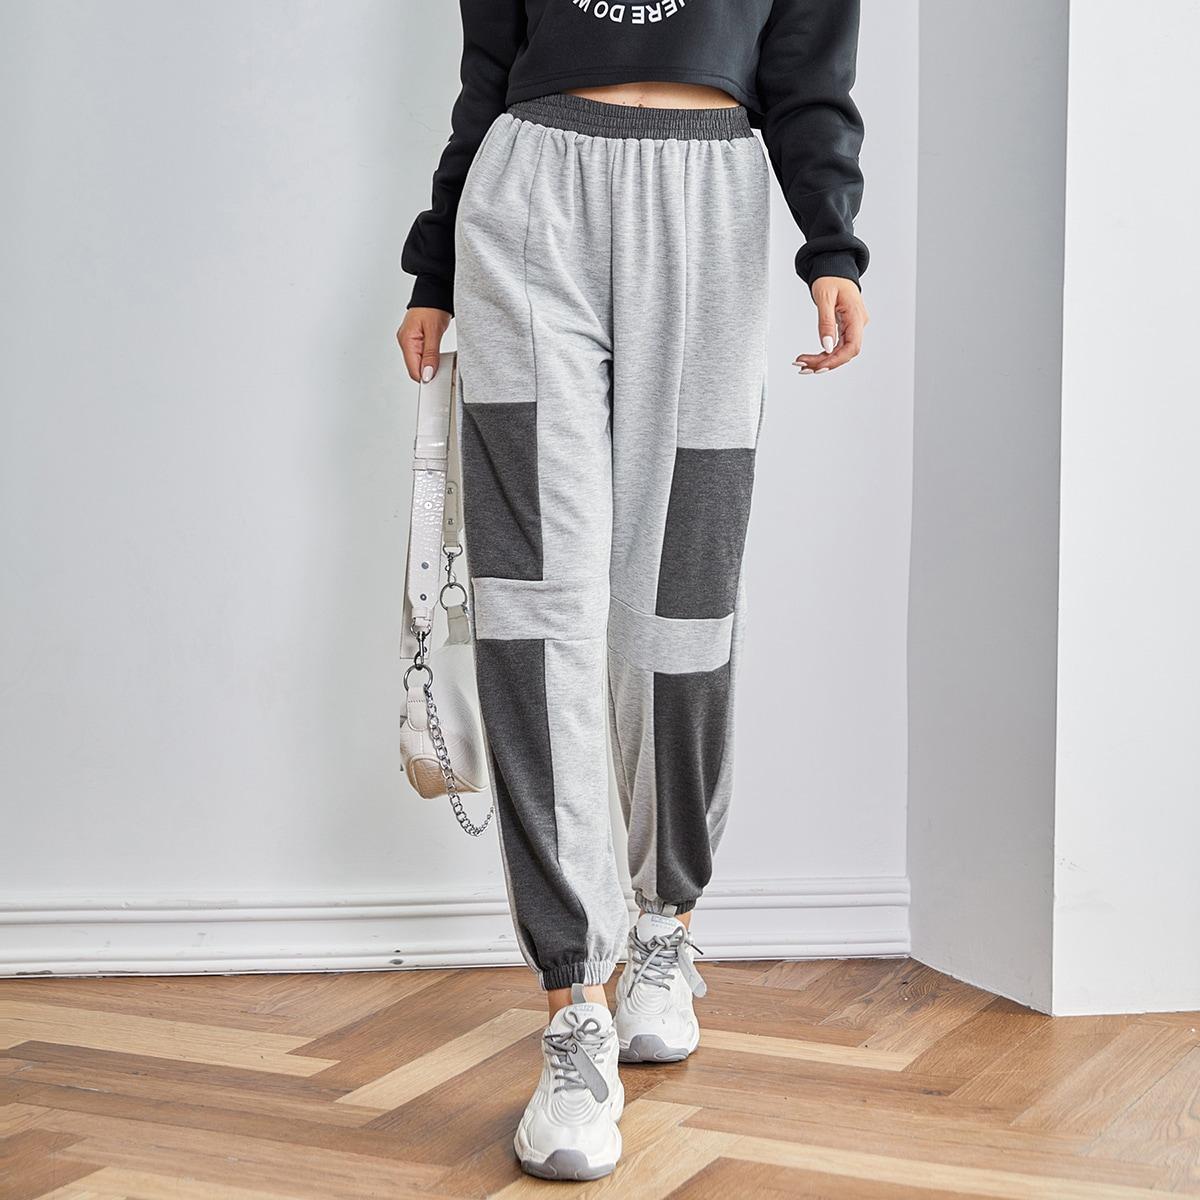 Контрастные спортивные брюки с эластичной талией